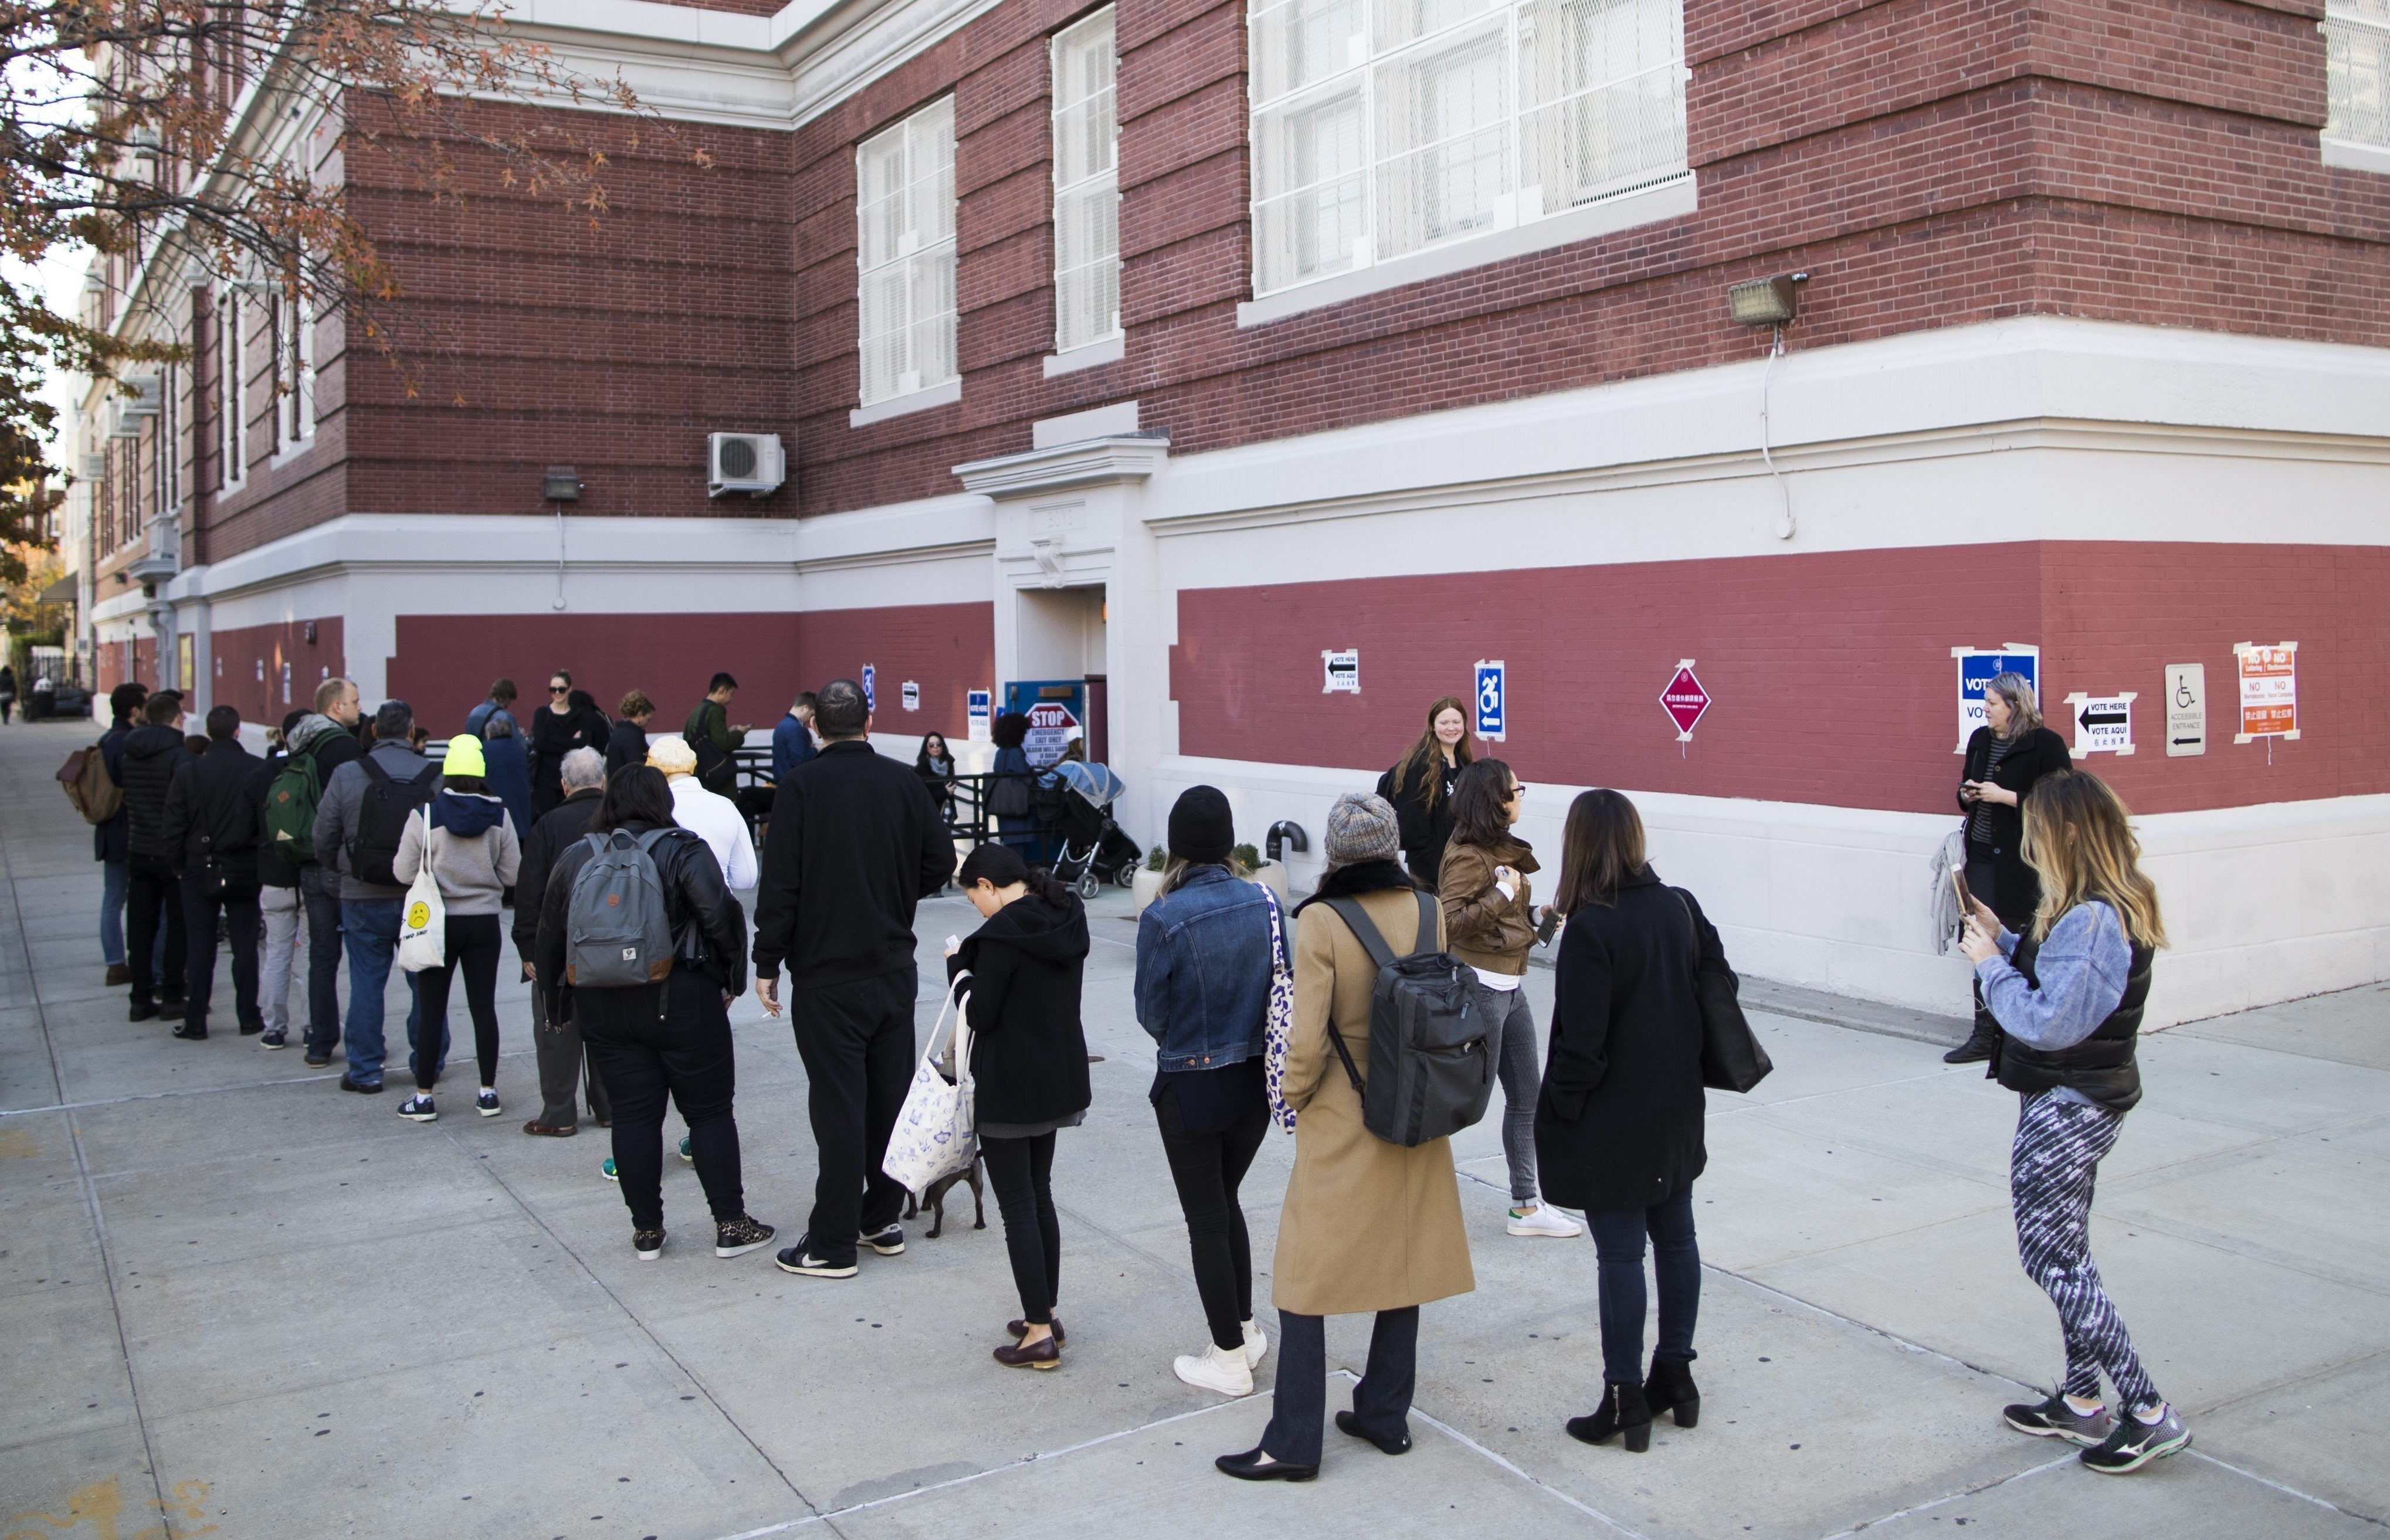 Las mejores imágenes de las elecciones en Estados Unidos